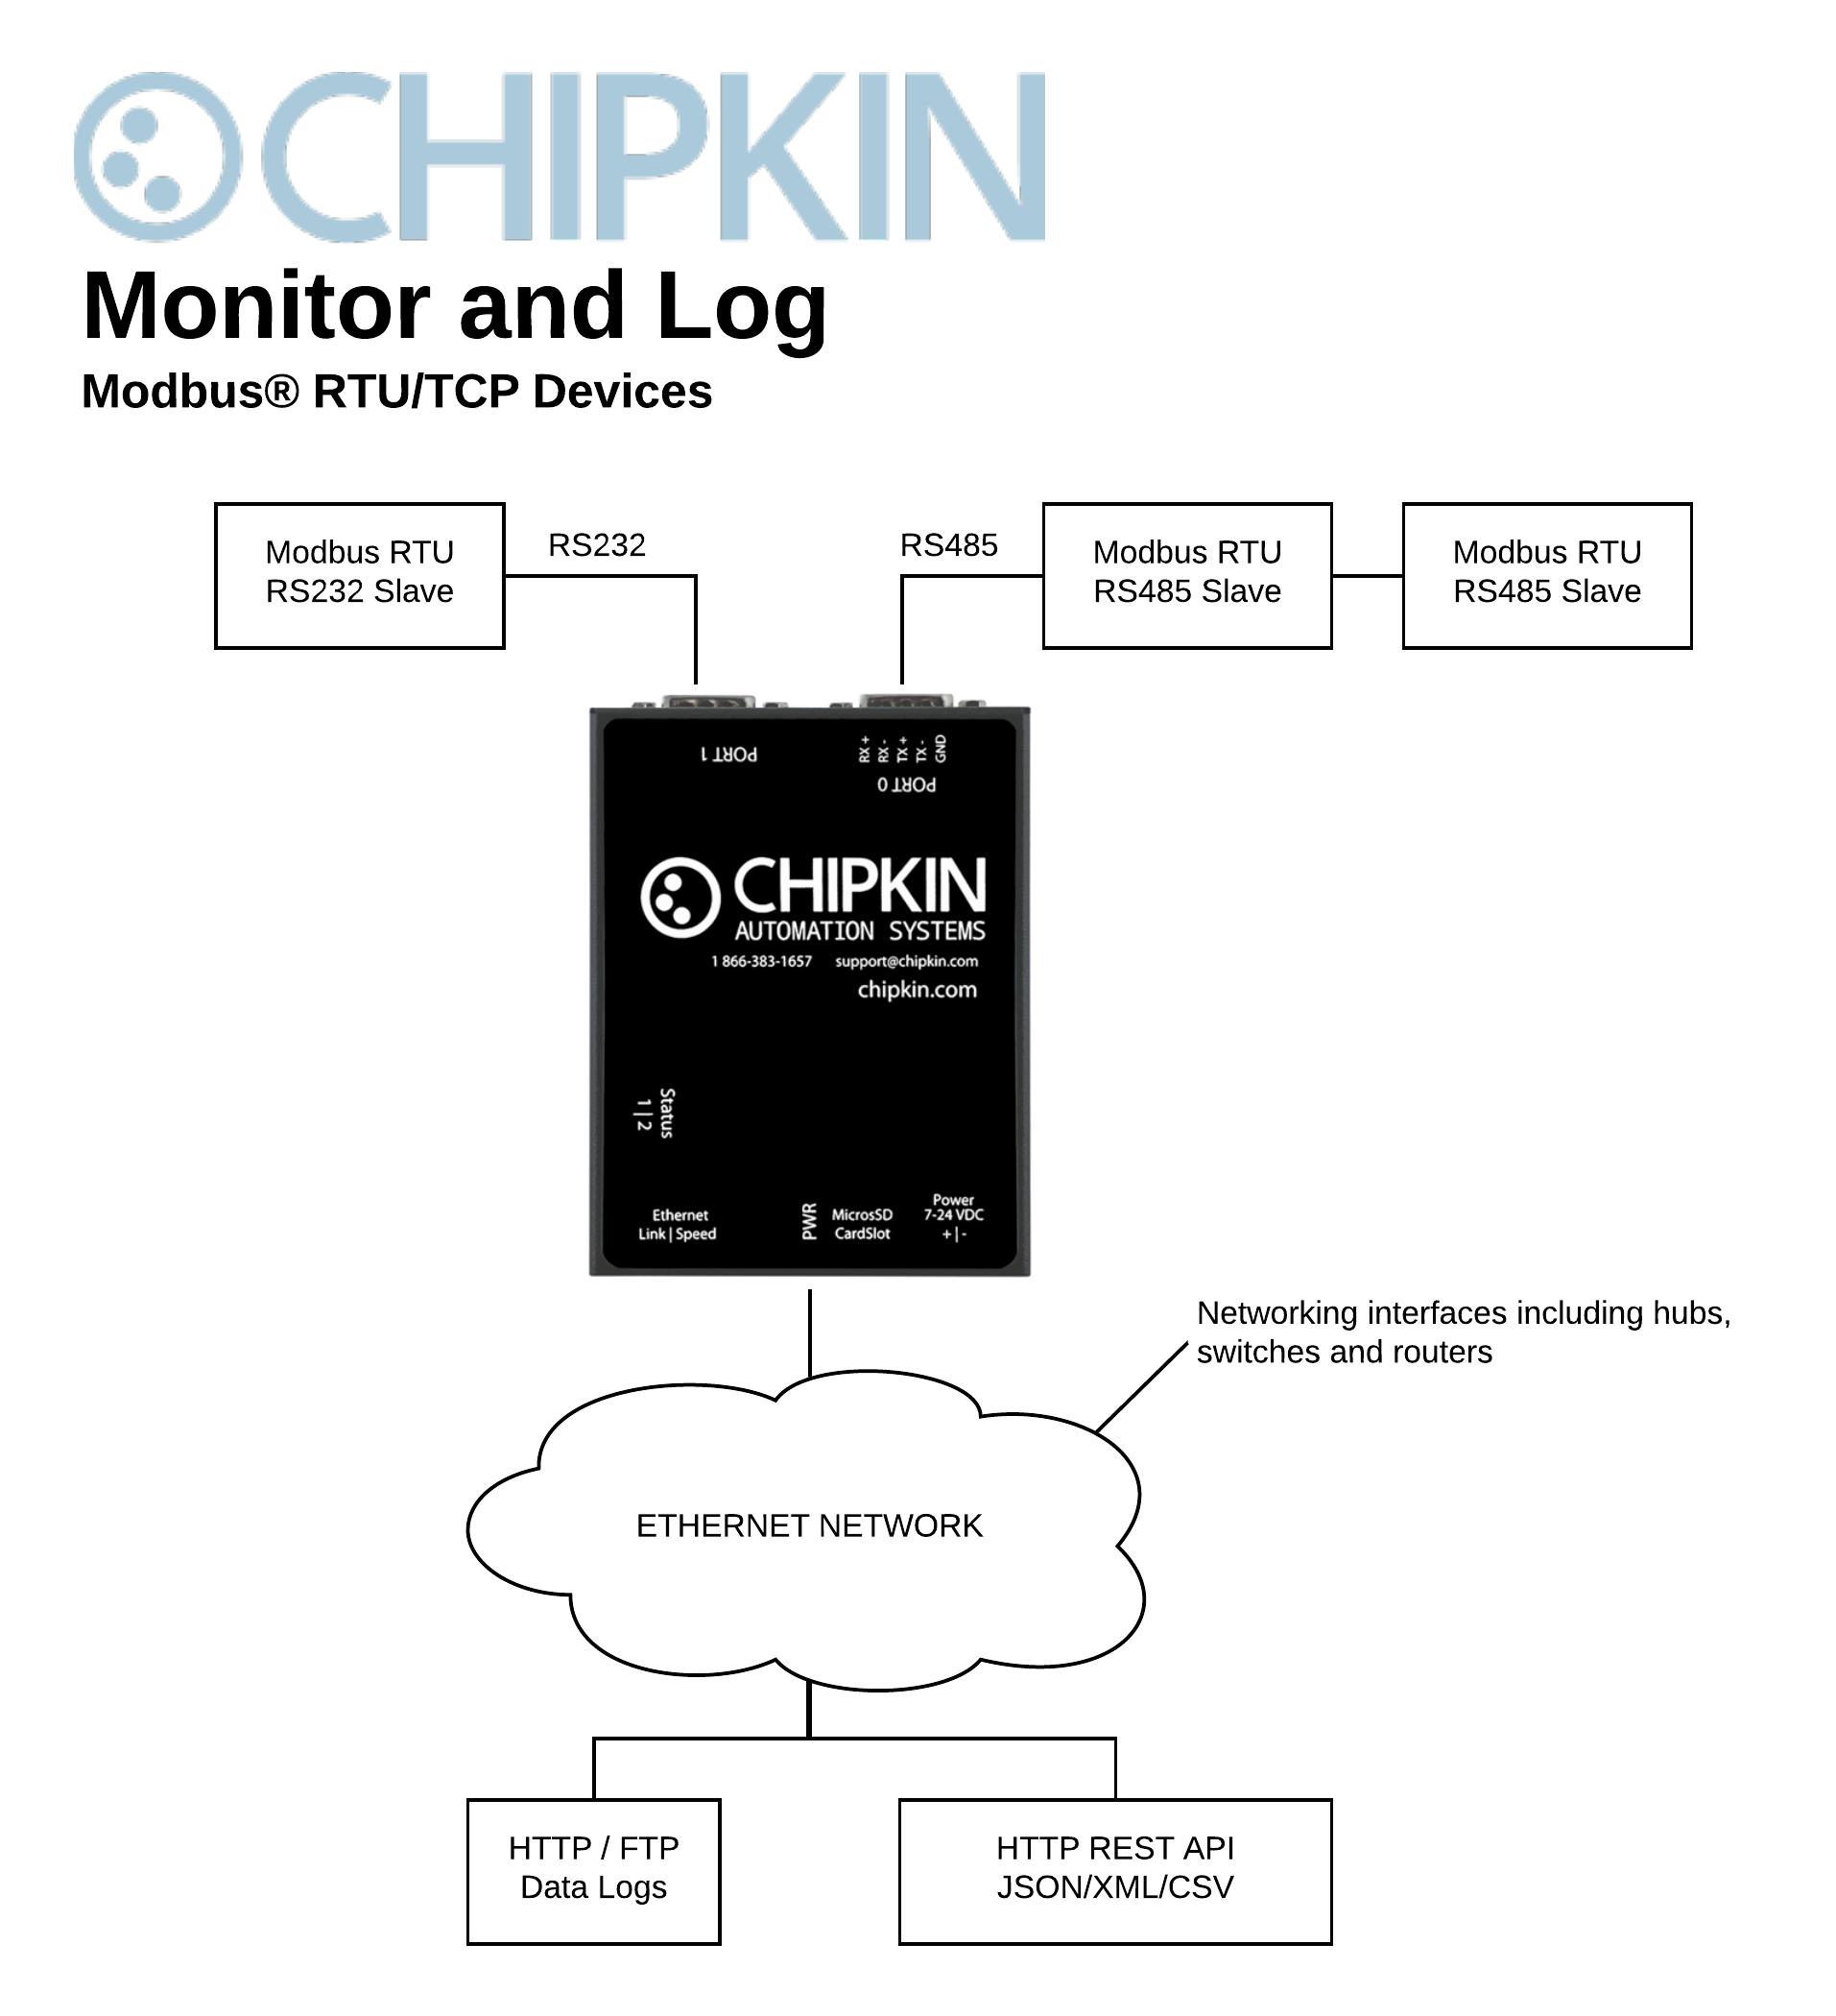 Modbus RTU Data Client/Logger